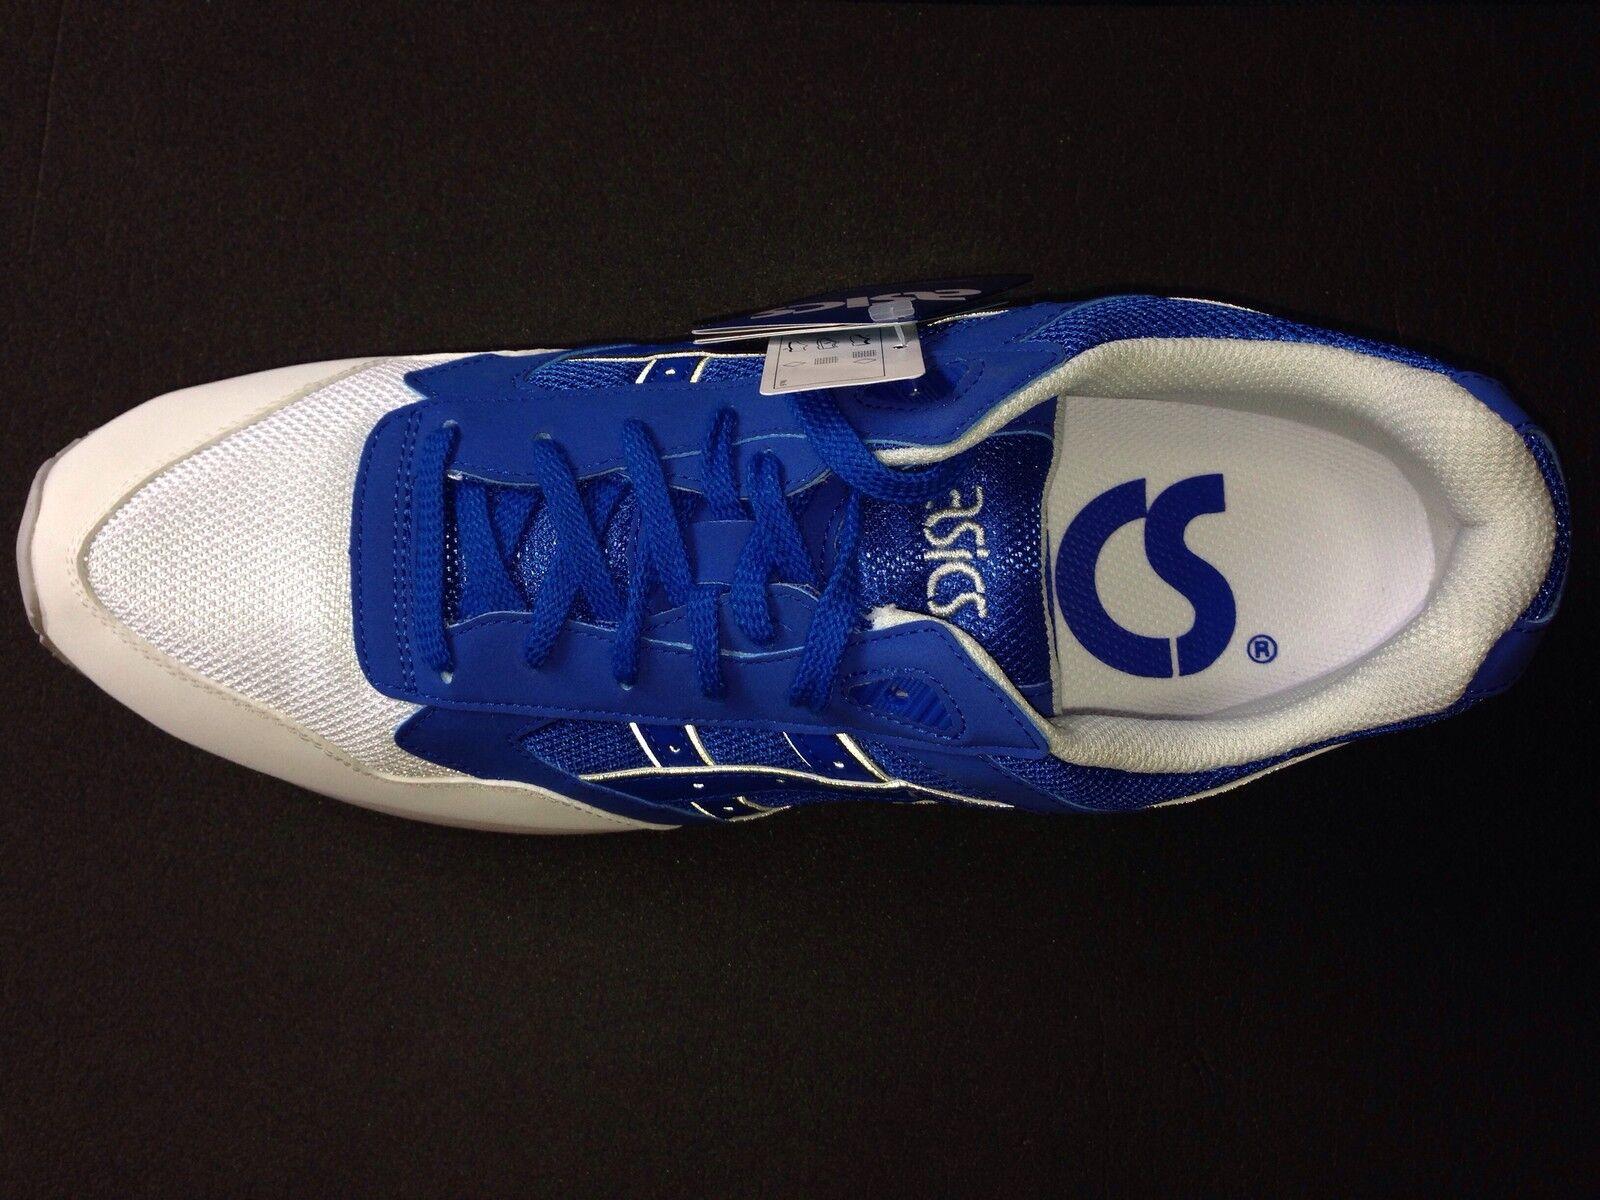 Asics Gel Saga Blau & Weiß limited cw 12 new in box US 12 cw UK 11 EUR 46,5 CM 29,5 11afd5